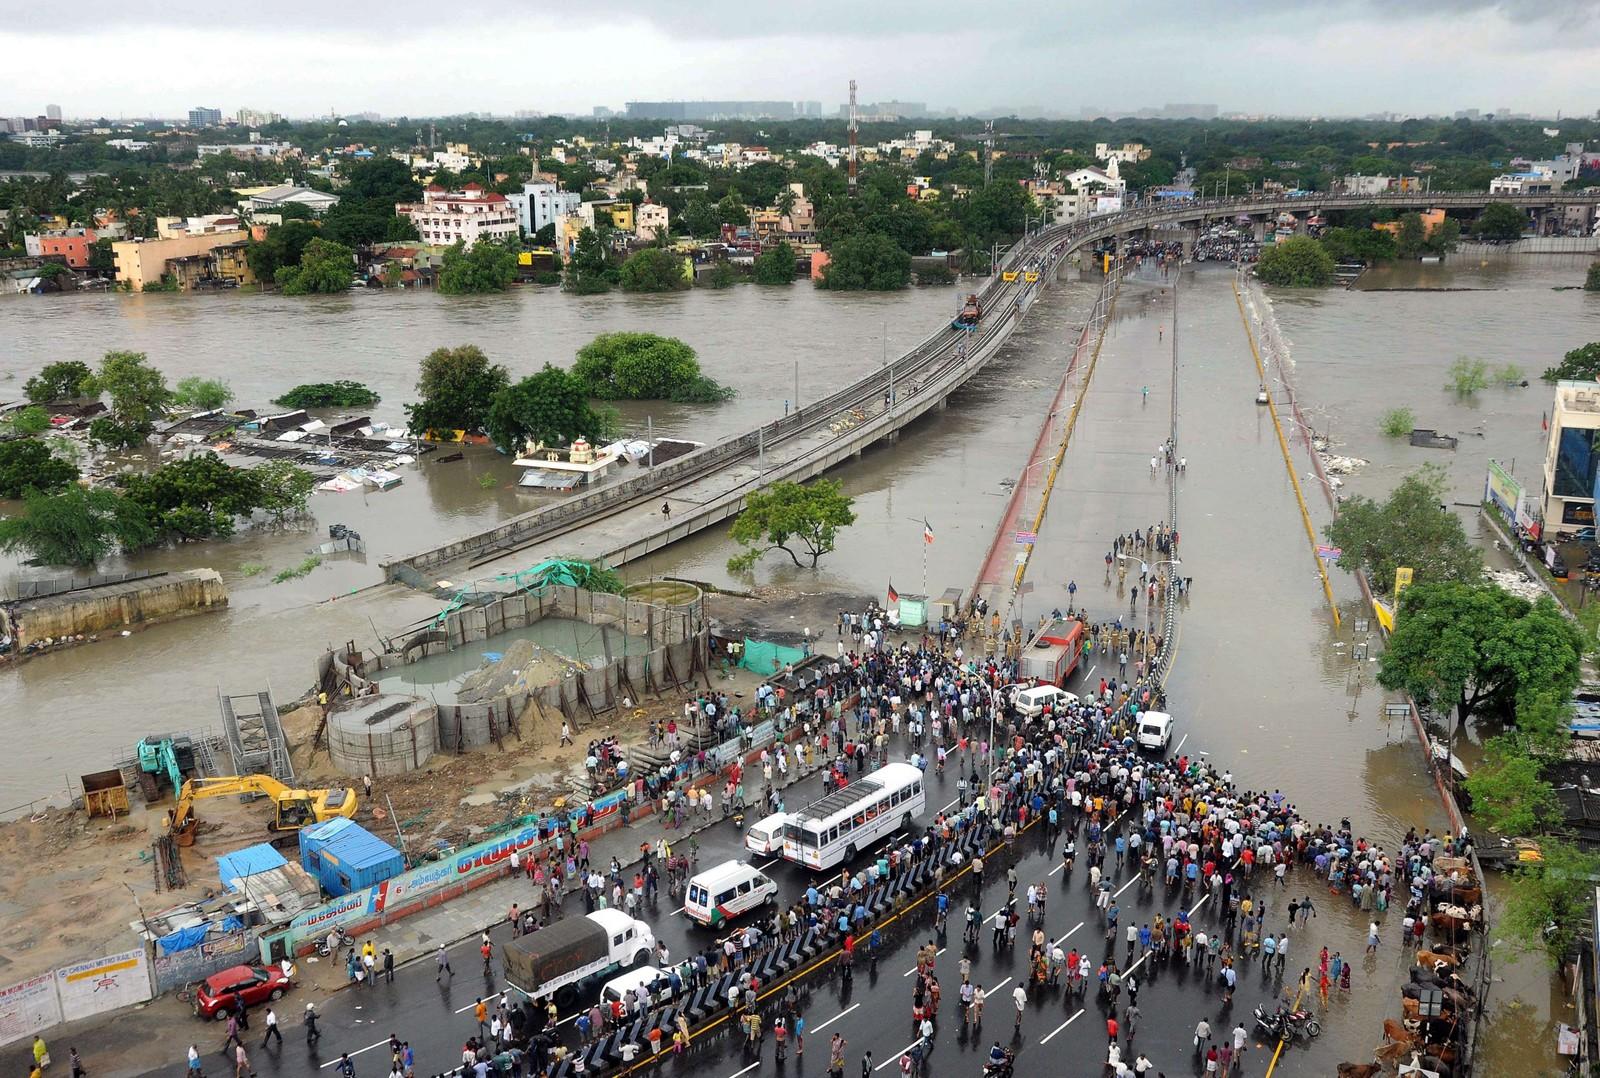 Både store og små byar er lamma av dei enorme nedbørsmengdene. Her frå Chennai, der også ein av Sør-Indias største flyplassar er stengt.